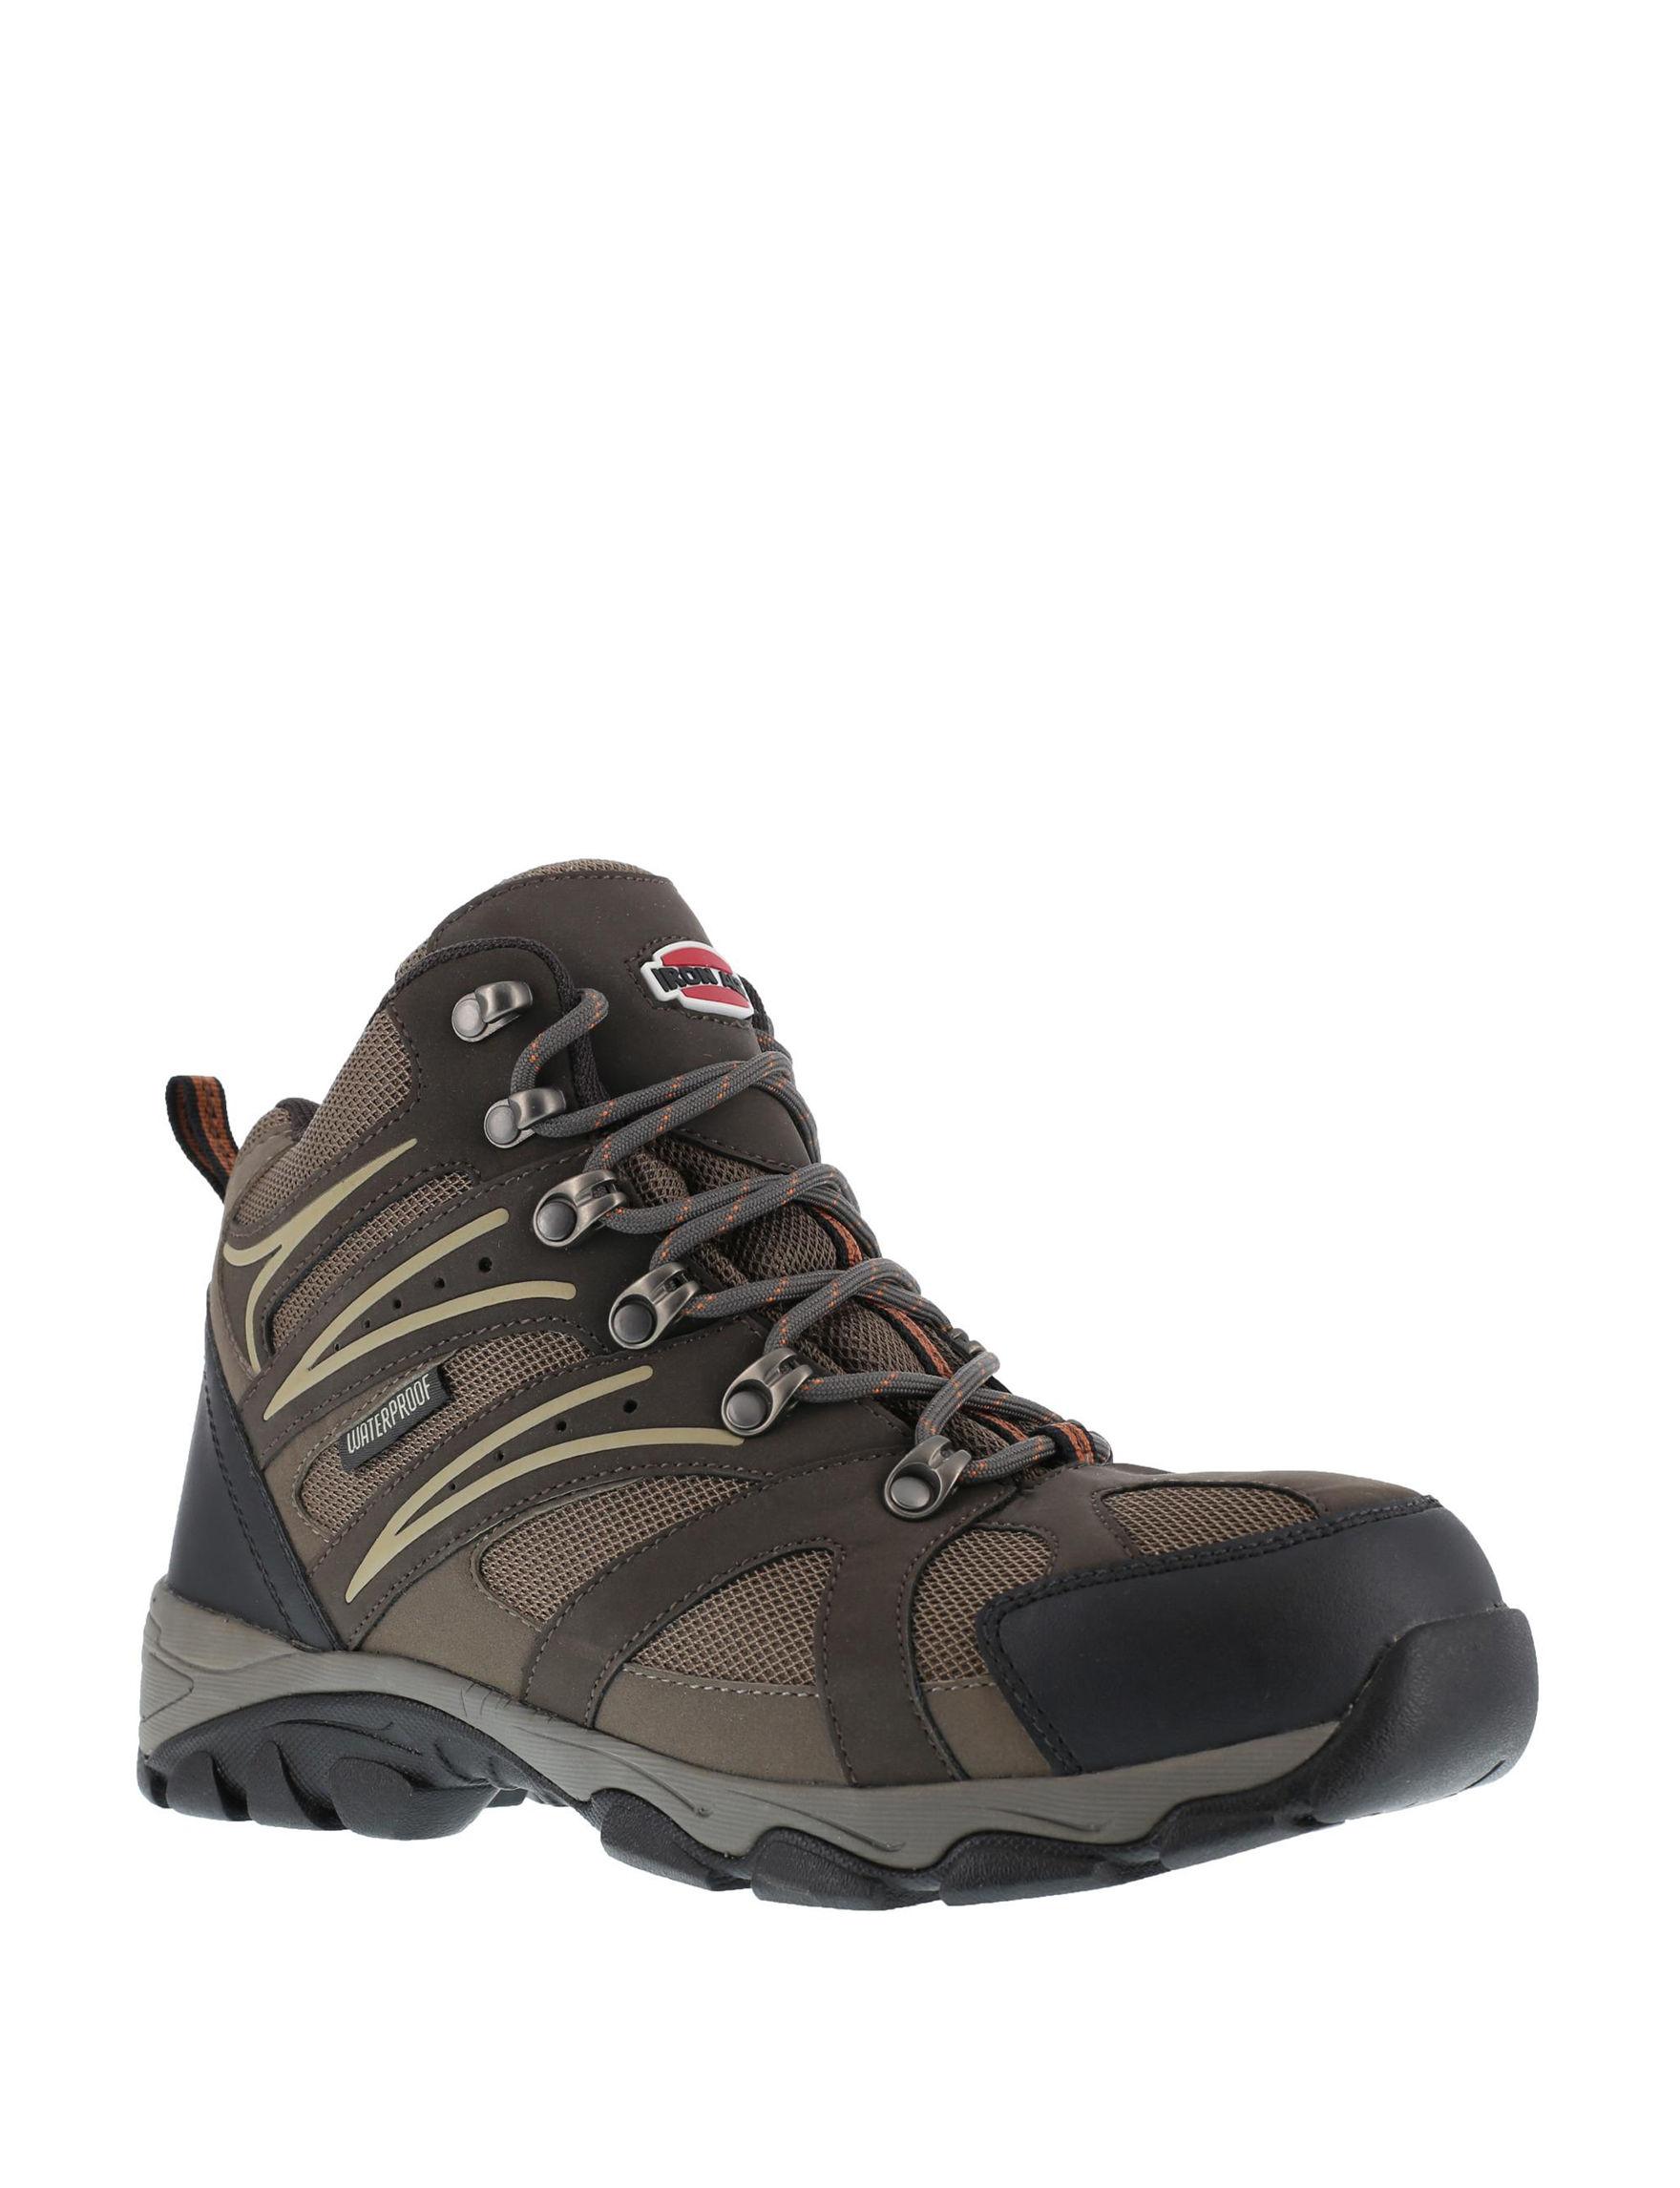 Iron Age Brown Hiking Boots Slip Resistant Steel Toe Waterproof